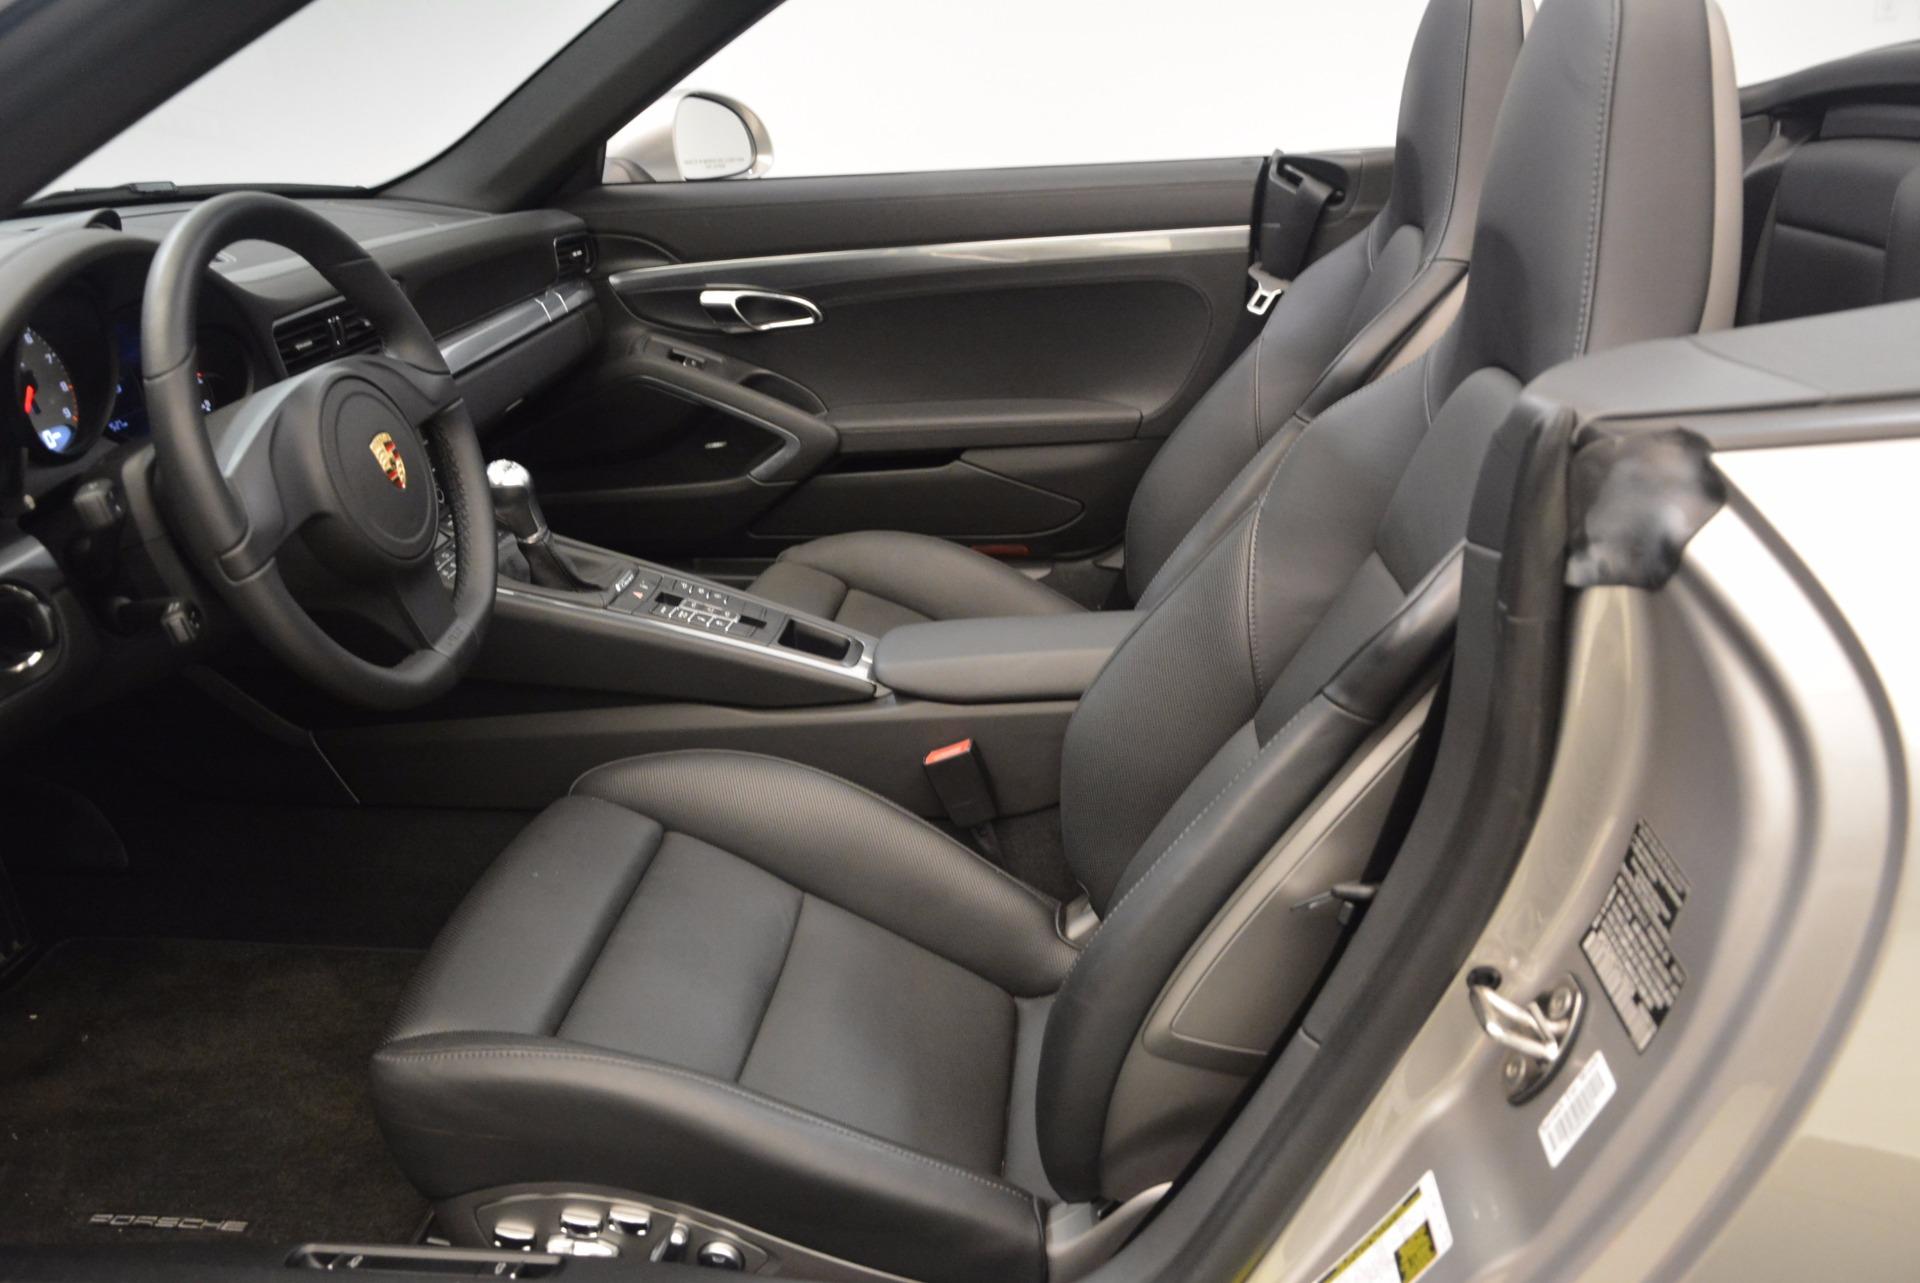 Used 2012 Porsche 911 Carrera S For Sale In Greenwich, CT 1790_p21